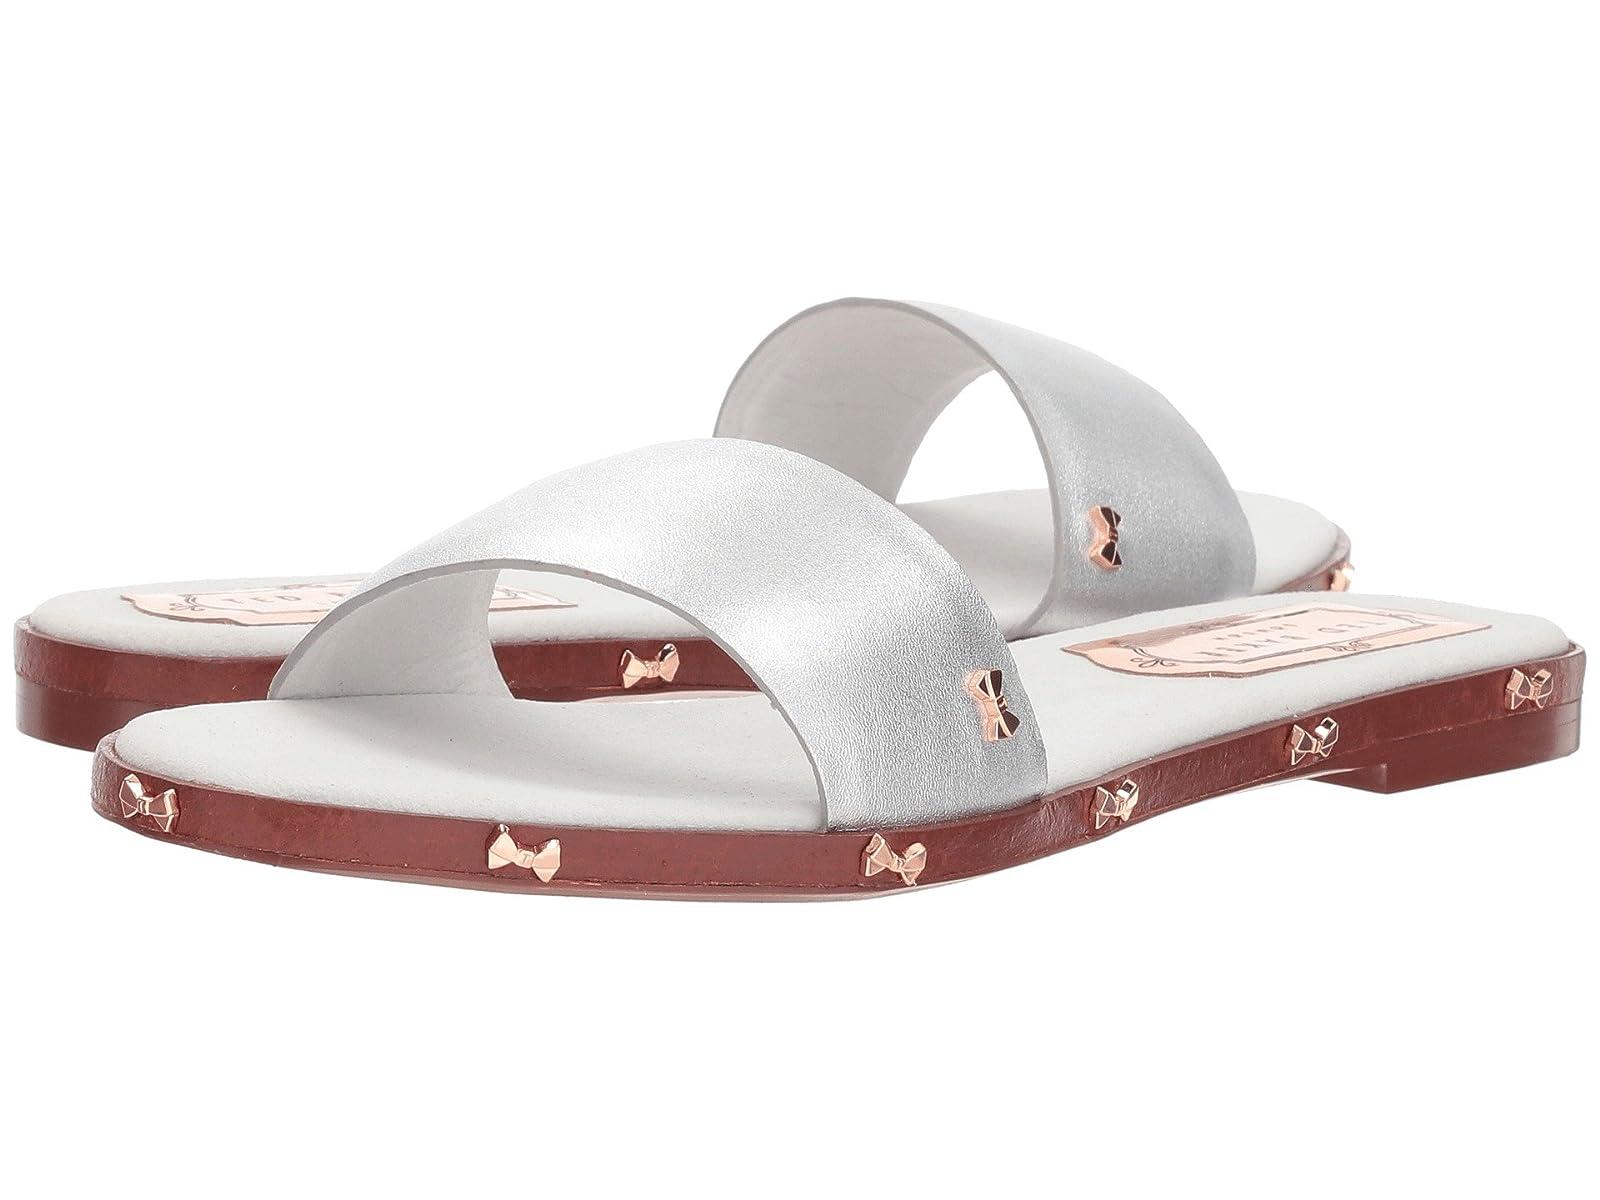 Ted Baker KyttiAtmospheric grades have affordable shoes